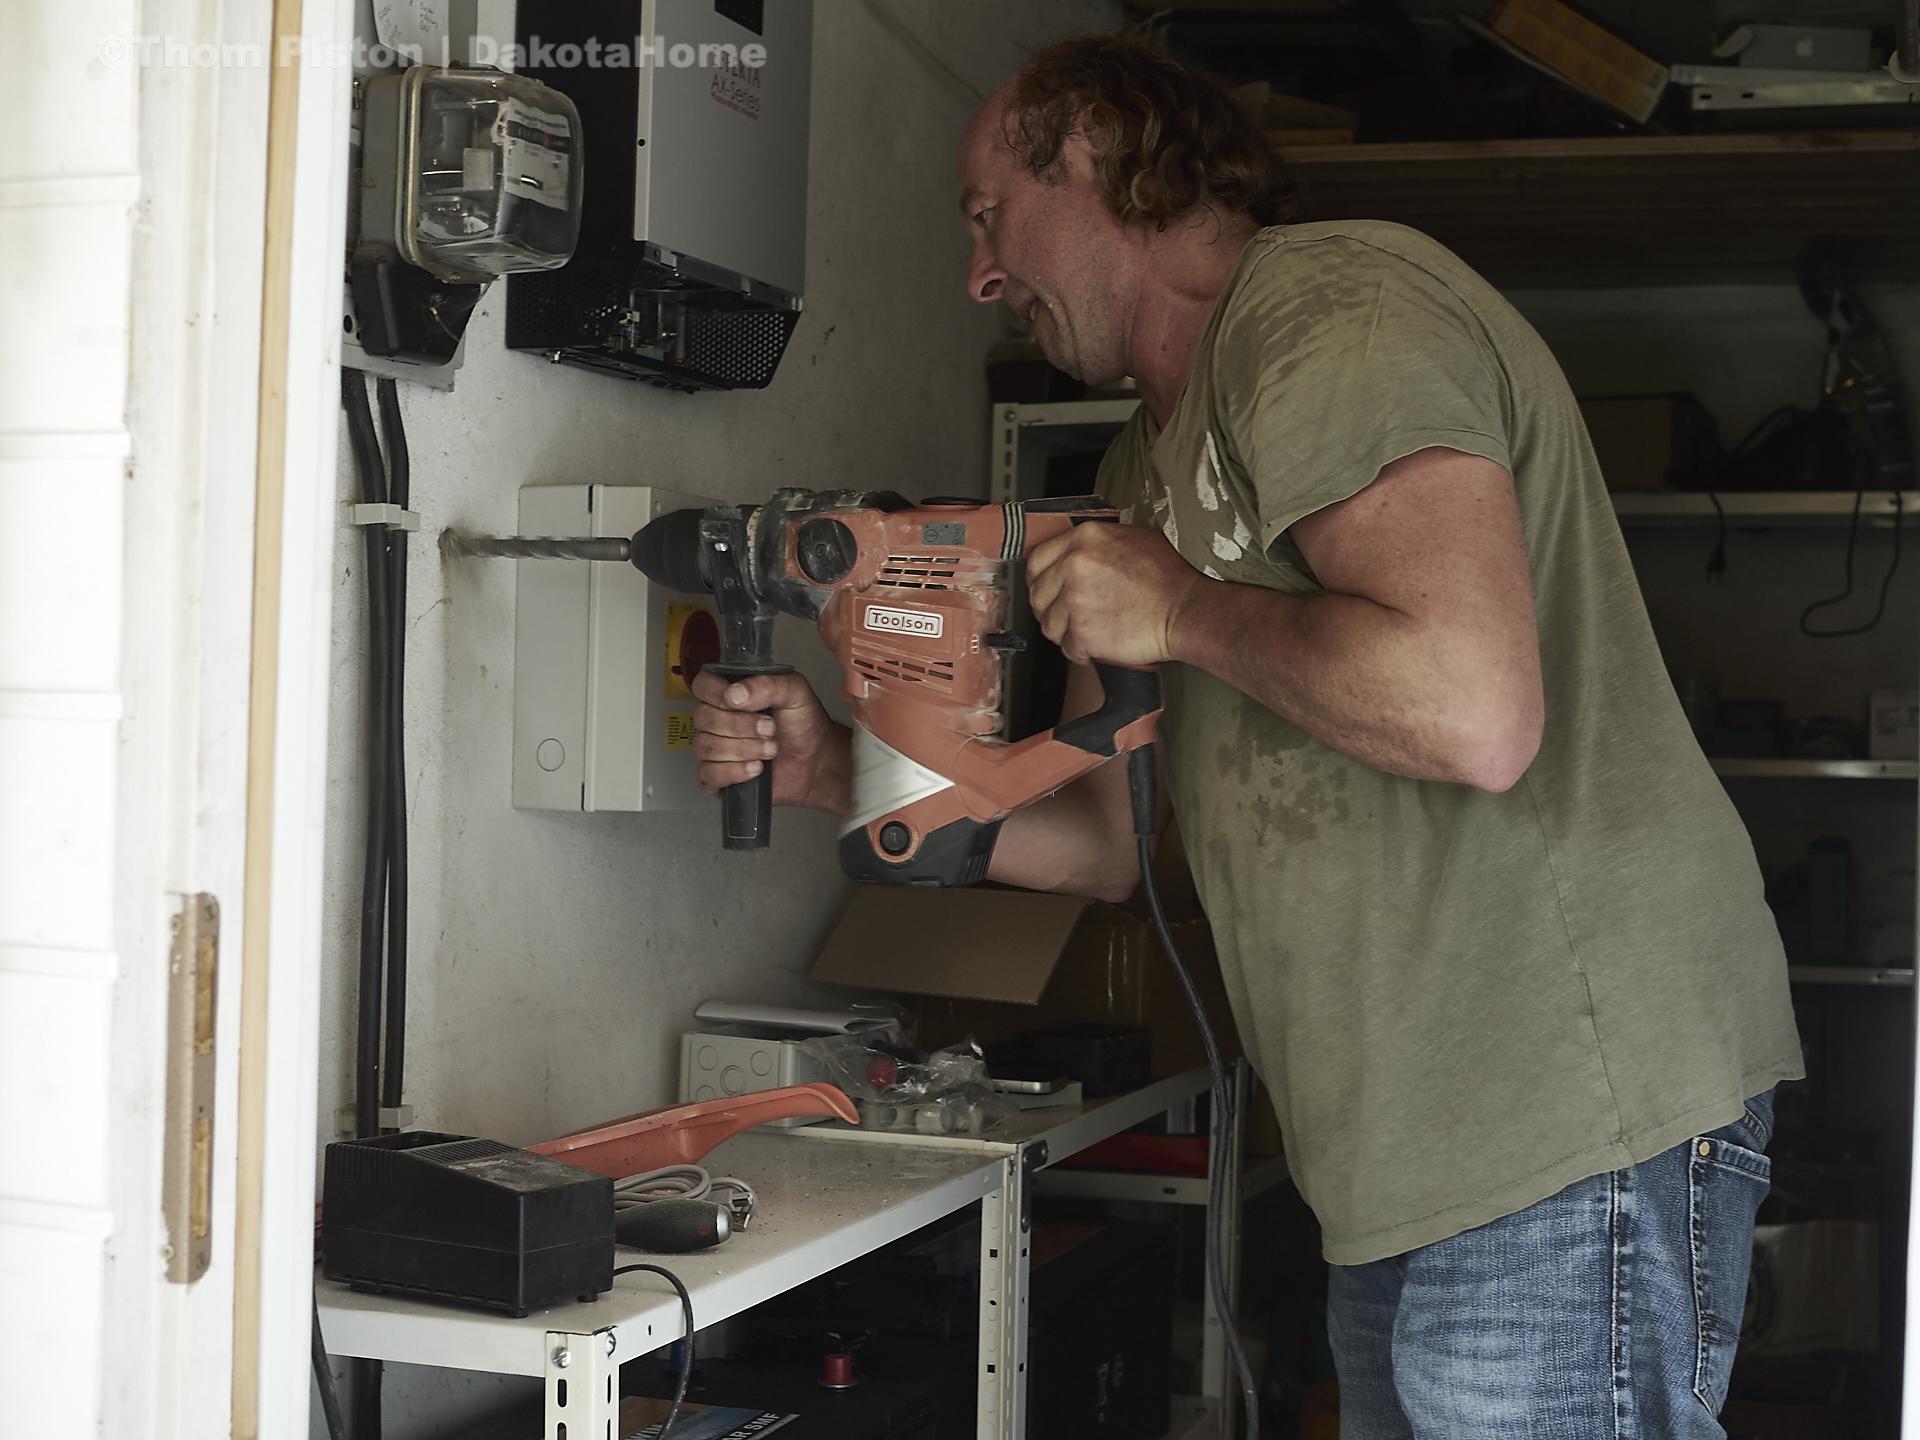 Anschlussarbeiten der Photovoltaic Panels am dakota home, natürlich und volker